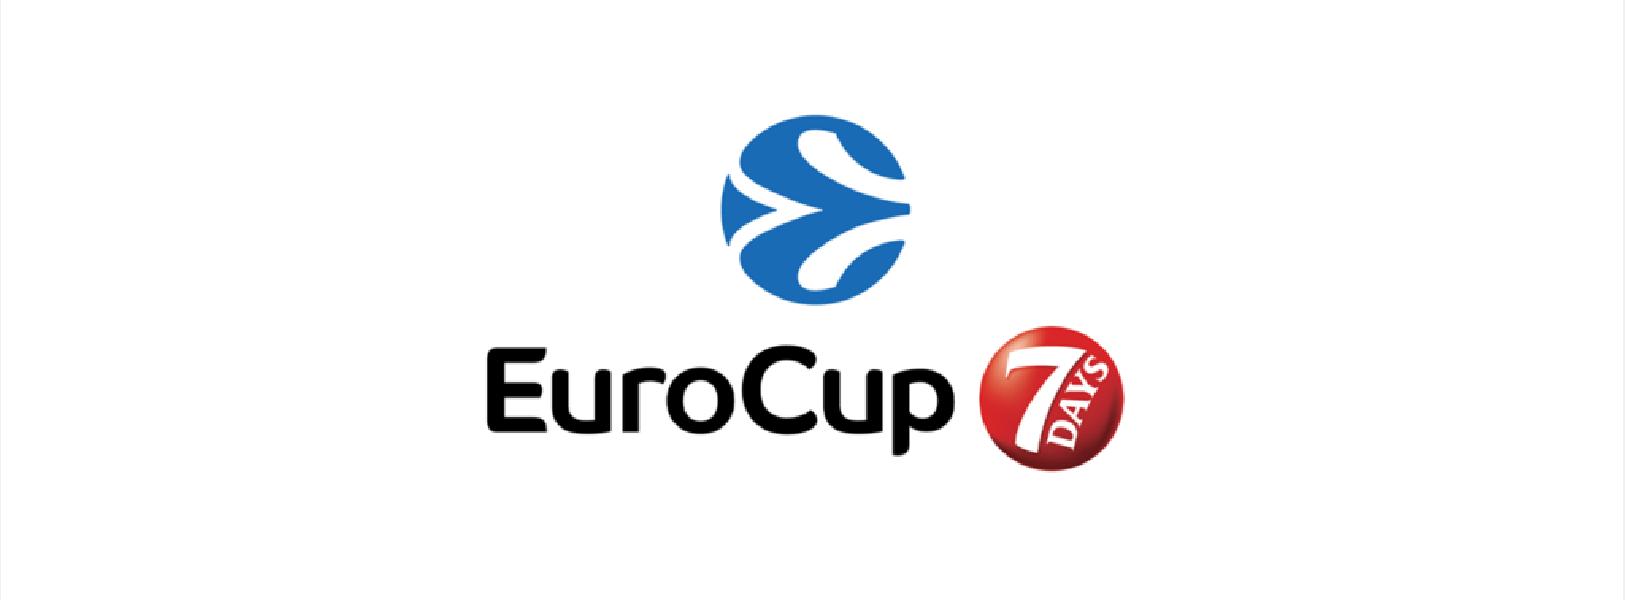 https://www.basketmarche.it/immagini_articoli/27-10-2020/7days-eurocup-rinviata-sfida-gran-canaria-aquila-basket-trento-600.png